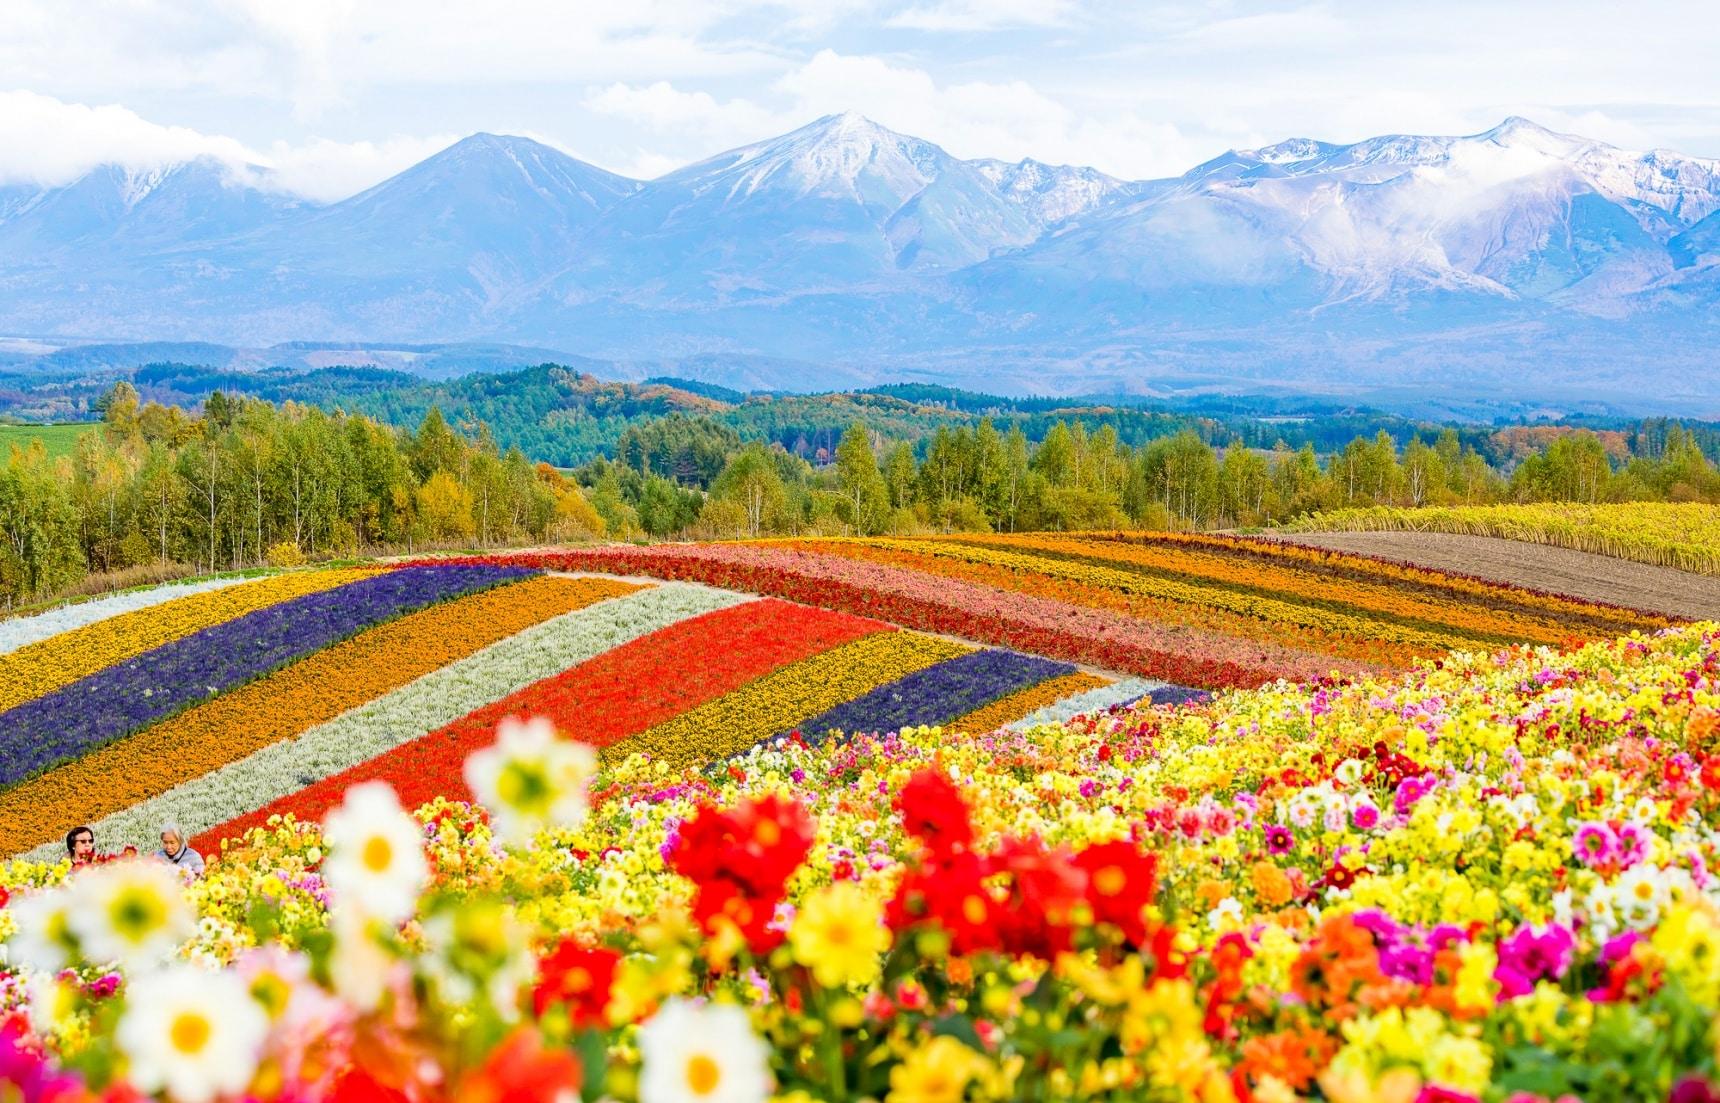 ที่สุดแห่งจุดชมดอกไม้ในฮอกไกโด